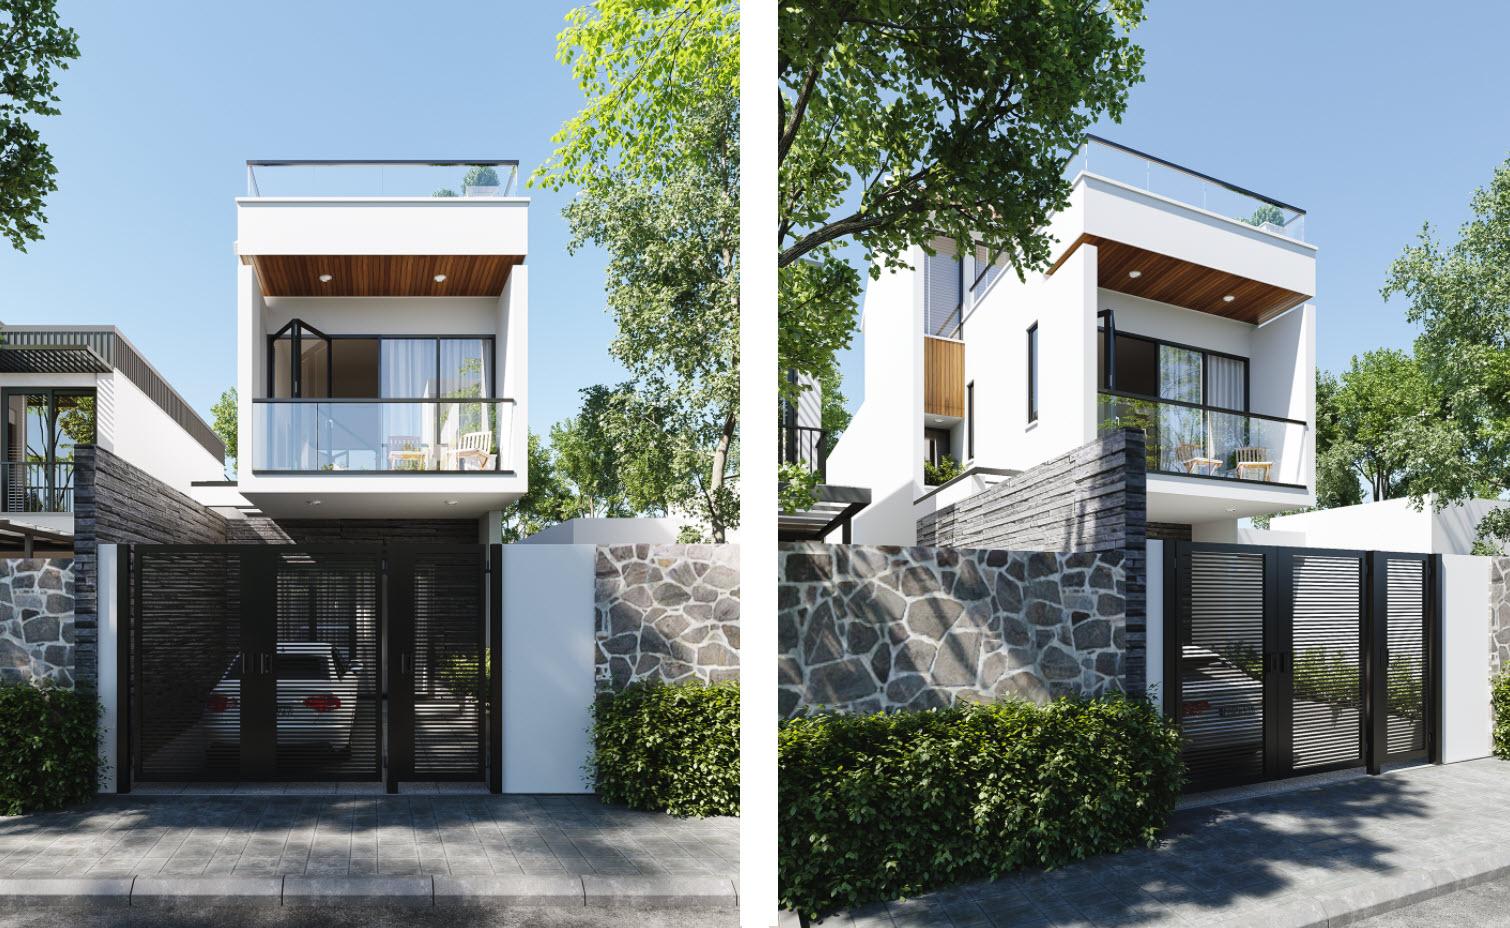 Diseño-de-cuarto-de-baño-con-bloques-de-hormigón-378x560